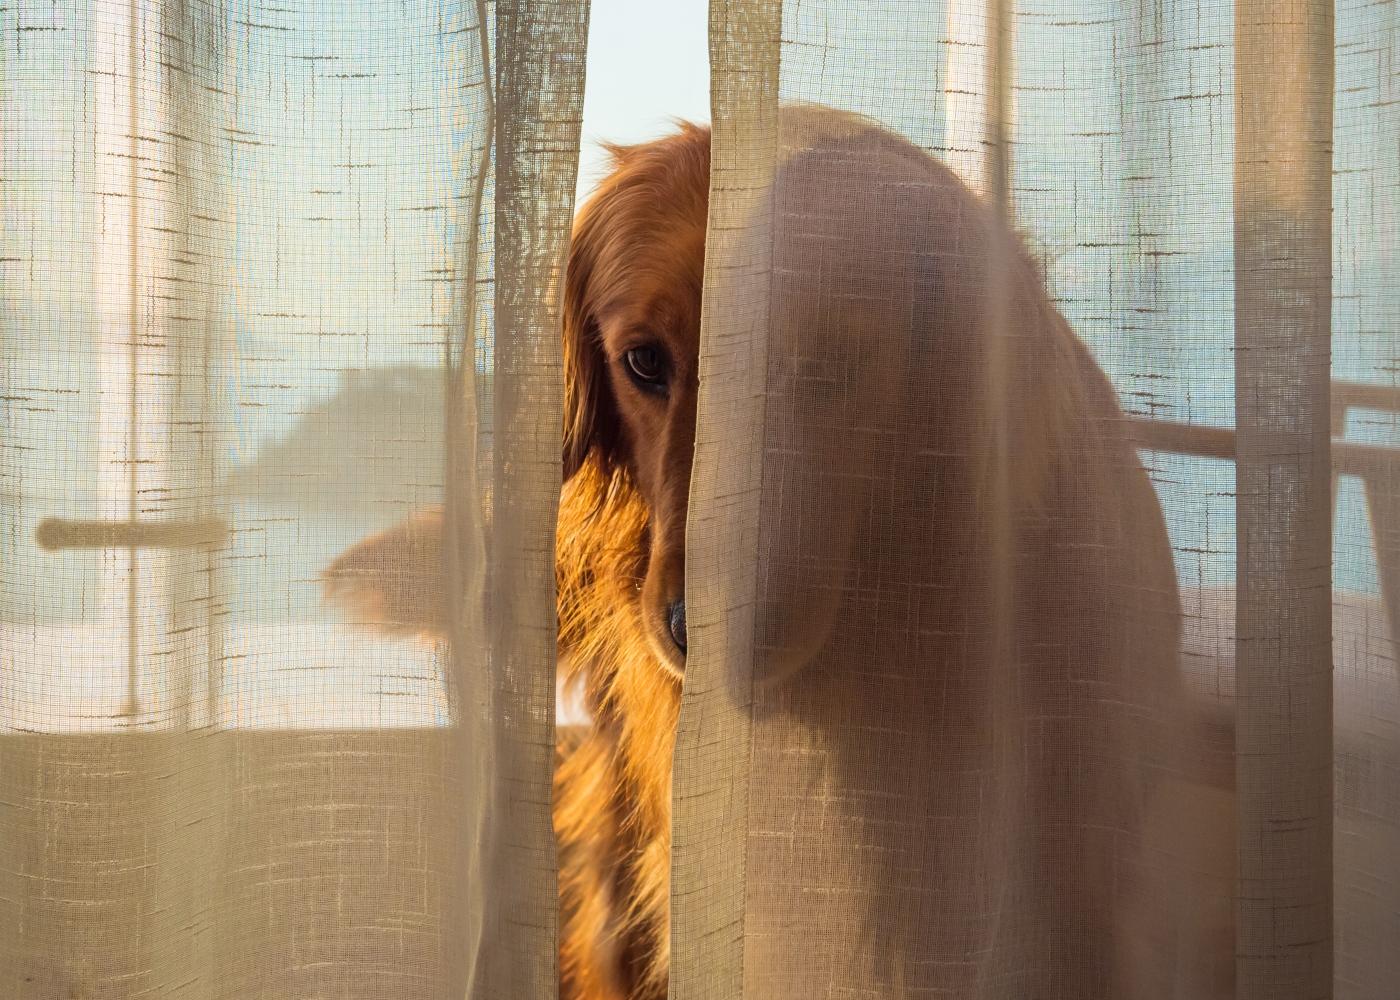 exercícios que pode fazer com o seu cão em casa: brincar às escondidas em casa